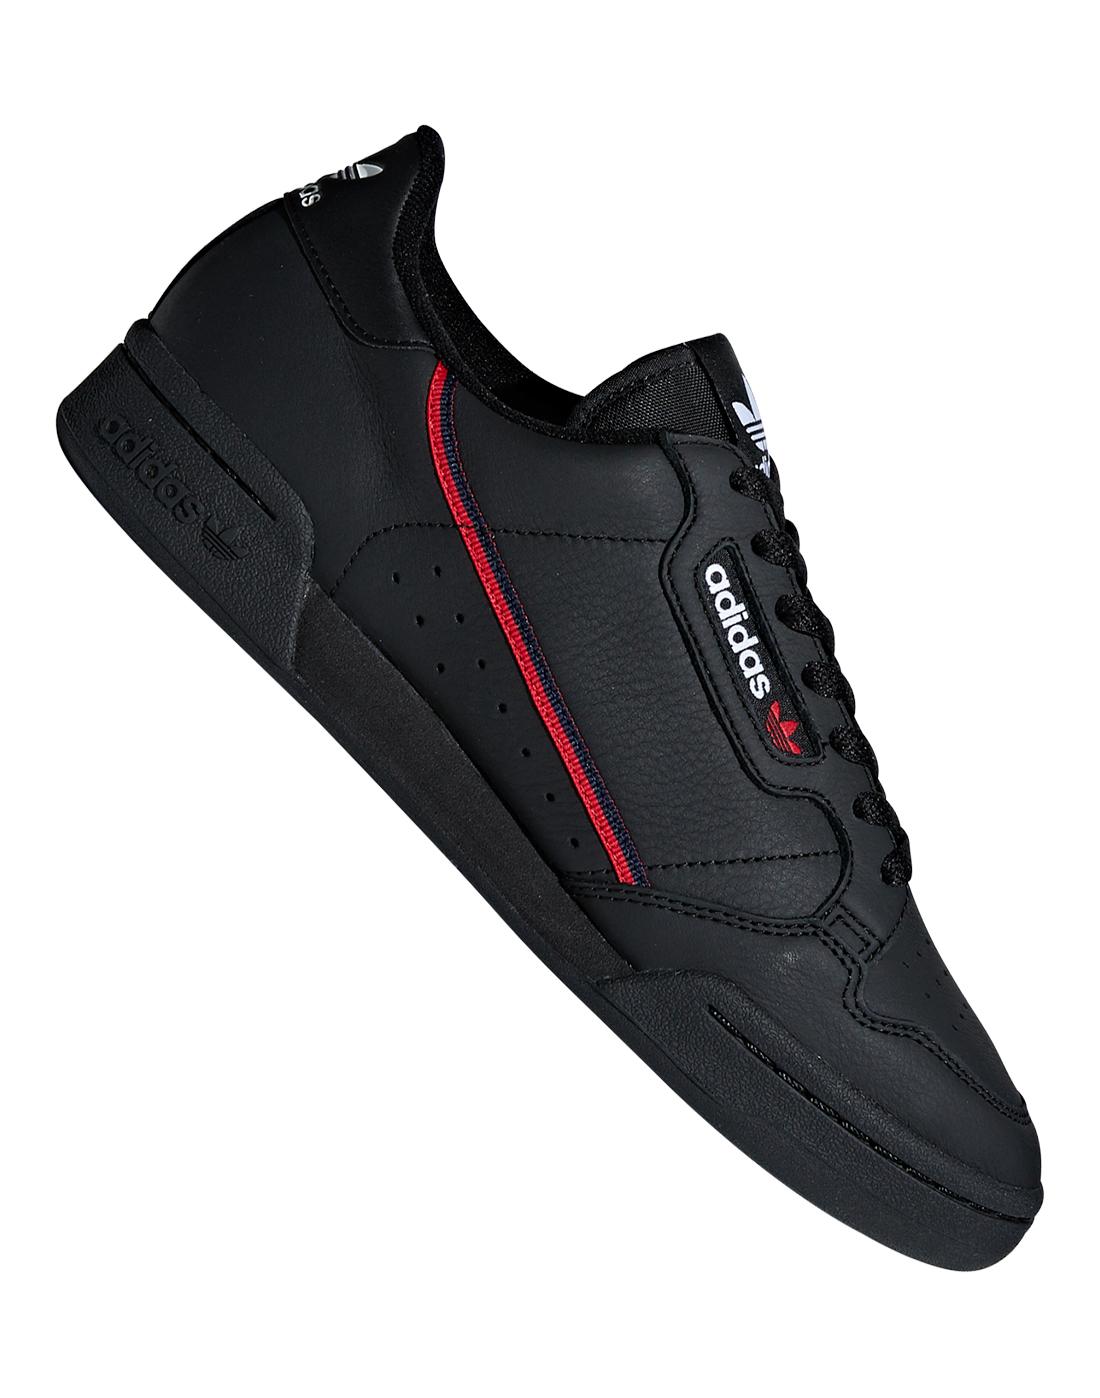 4d3307c9a65 Men s Black adidas Originals Continental 80